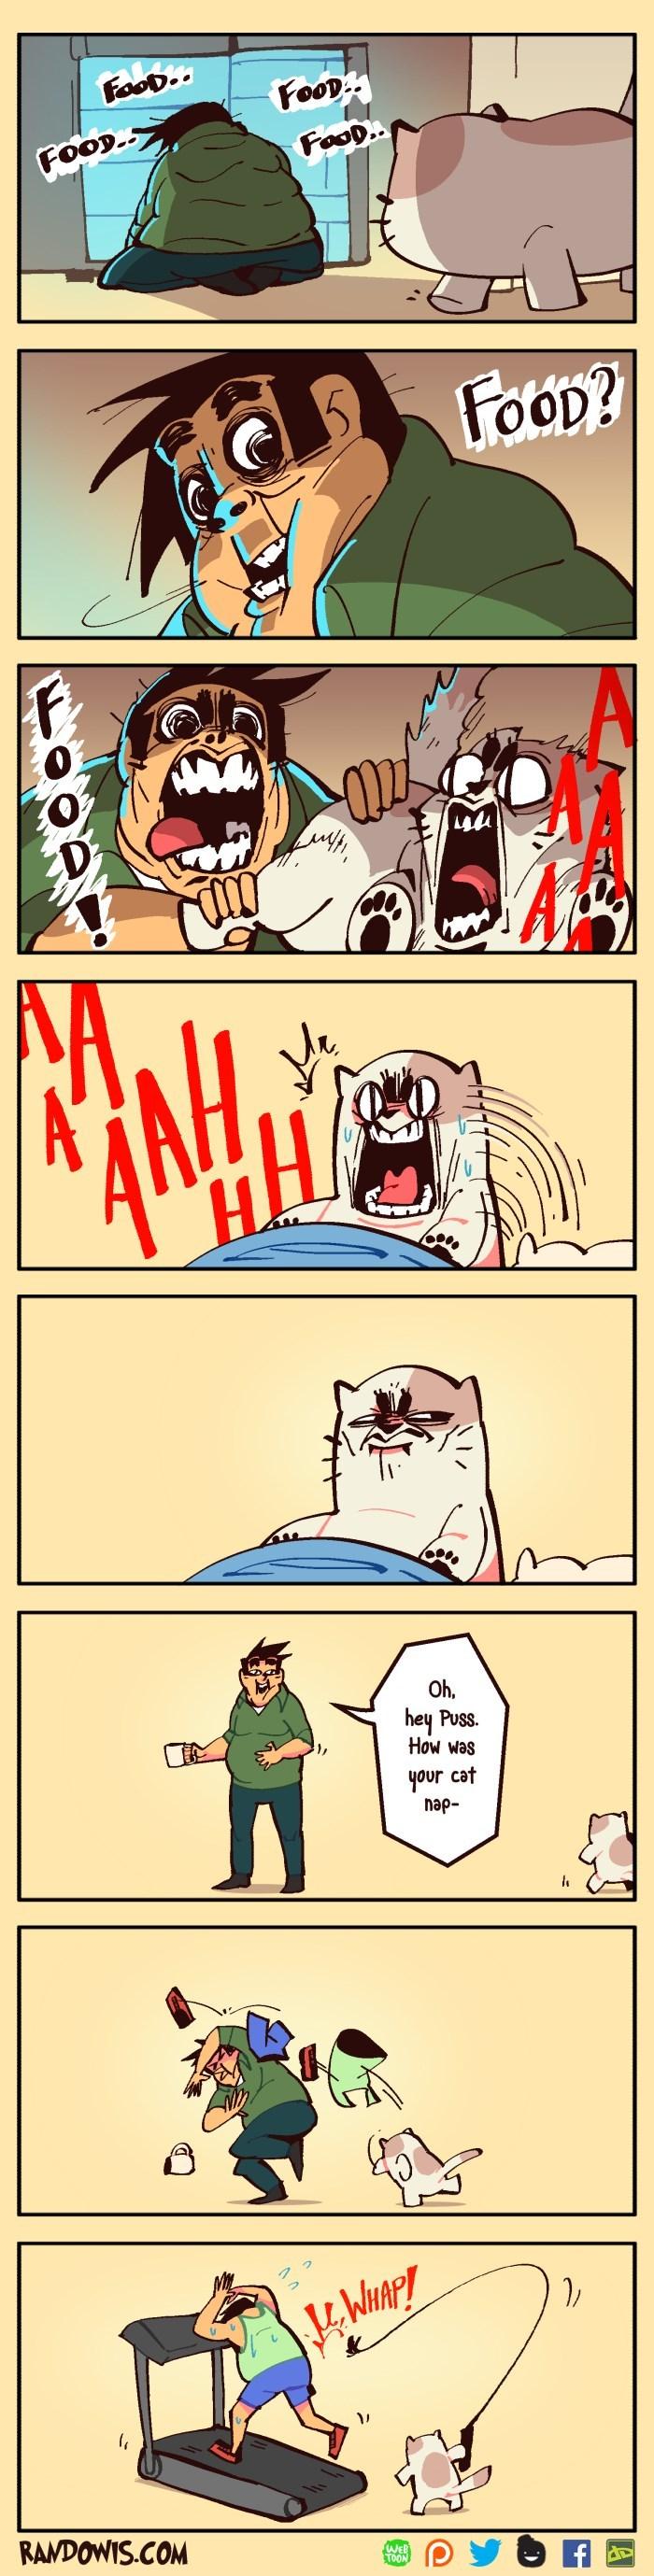 Cartoon - FooD.. FOOD FOOD. FOOD.. FoOD? Oh, hey Puss. How was your cat hap- KWIAP! RANDOWIS.COM WEB TOON